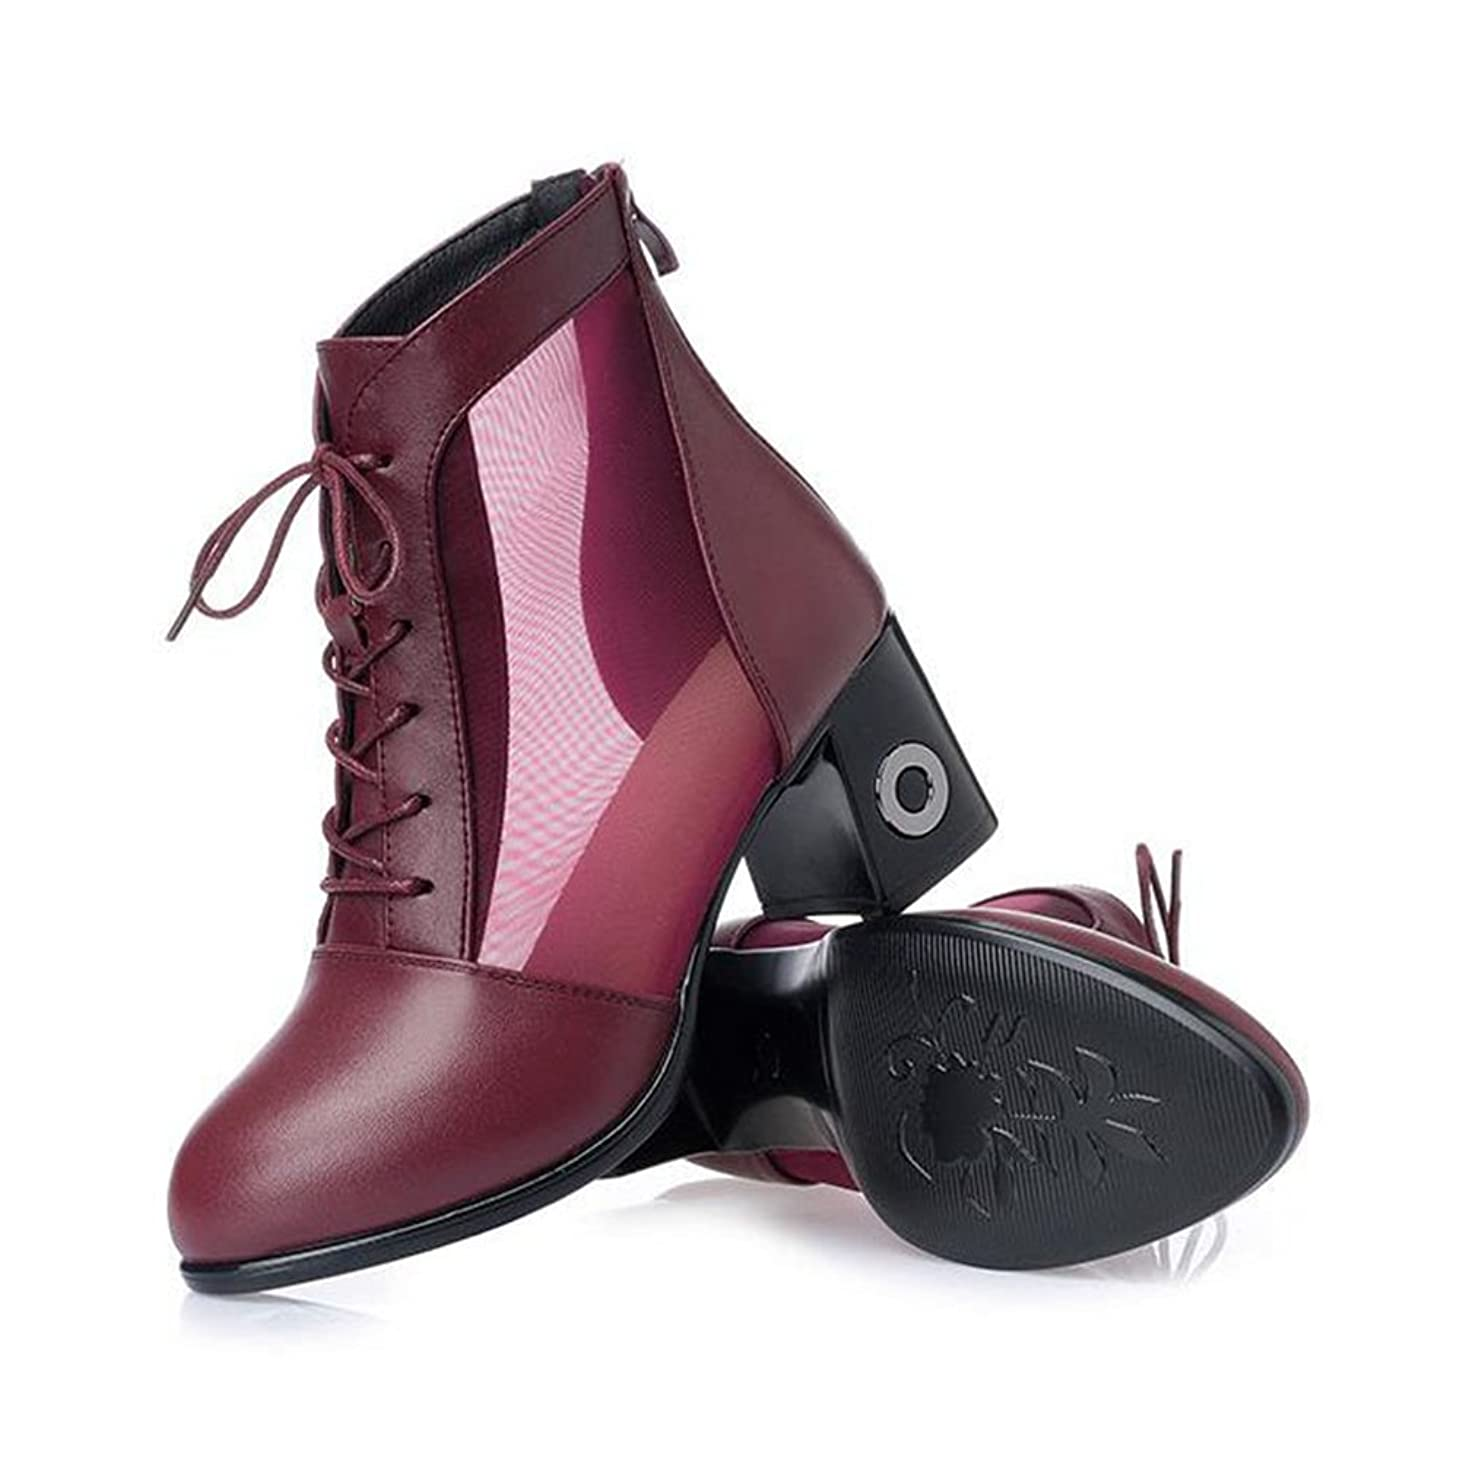 神秘的な忌み嫌う確かめる[HR株式会社] イギリス風 レディースシューズ ショート ブーツ 太めヒールサンダル ラウンドトゥ 靴 ファッション 大きいサイズ 女性用 春夏 通気 防滑 美脚 身長UP サイズ22.5cm-26.0cm